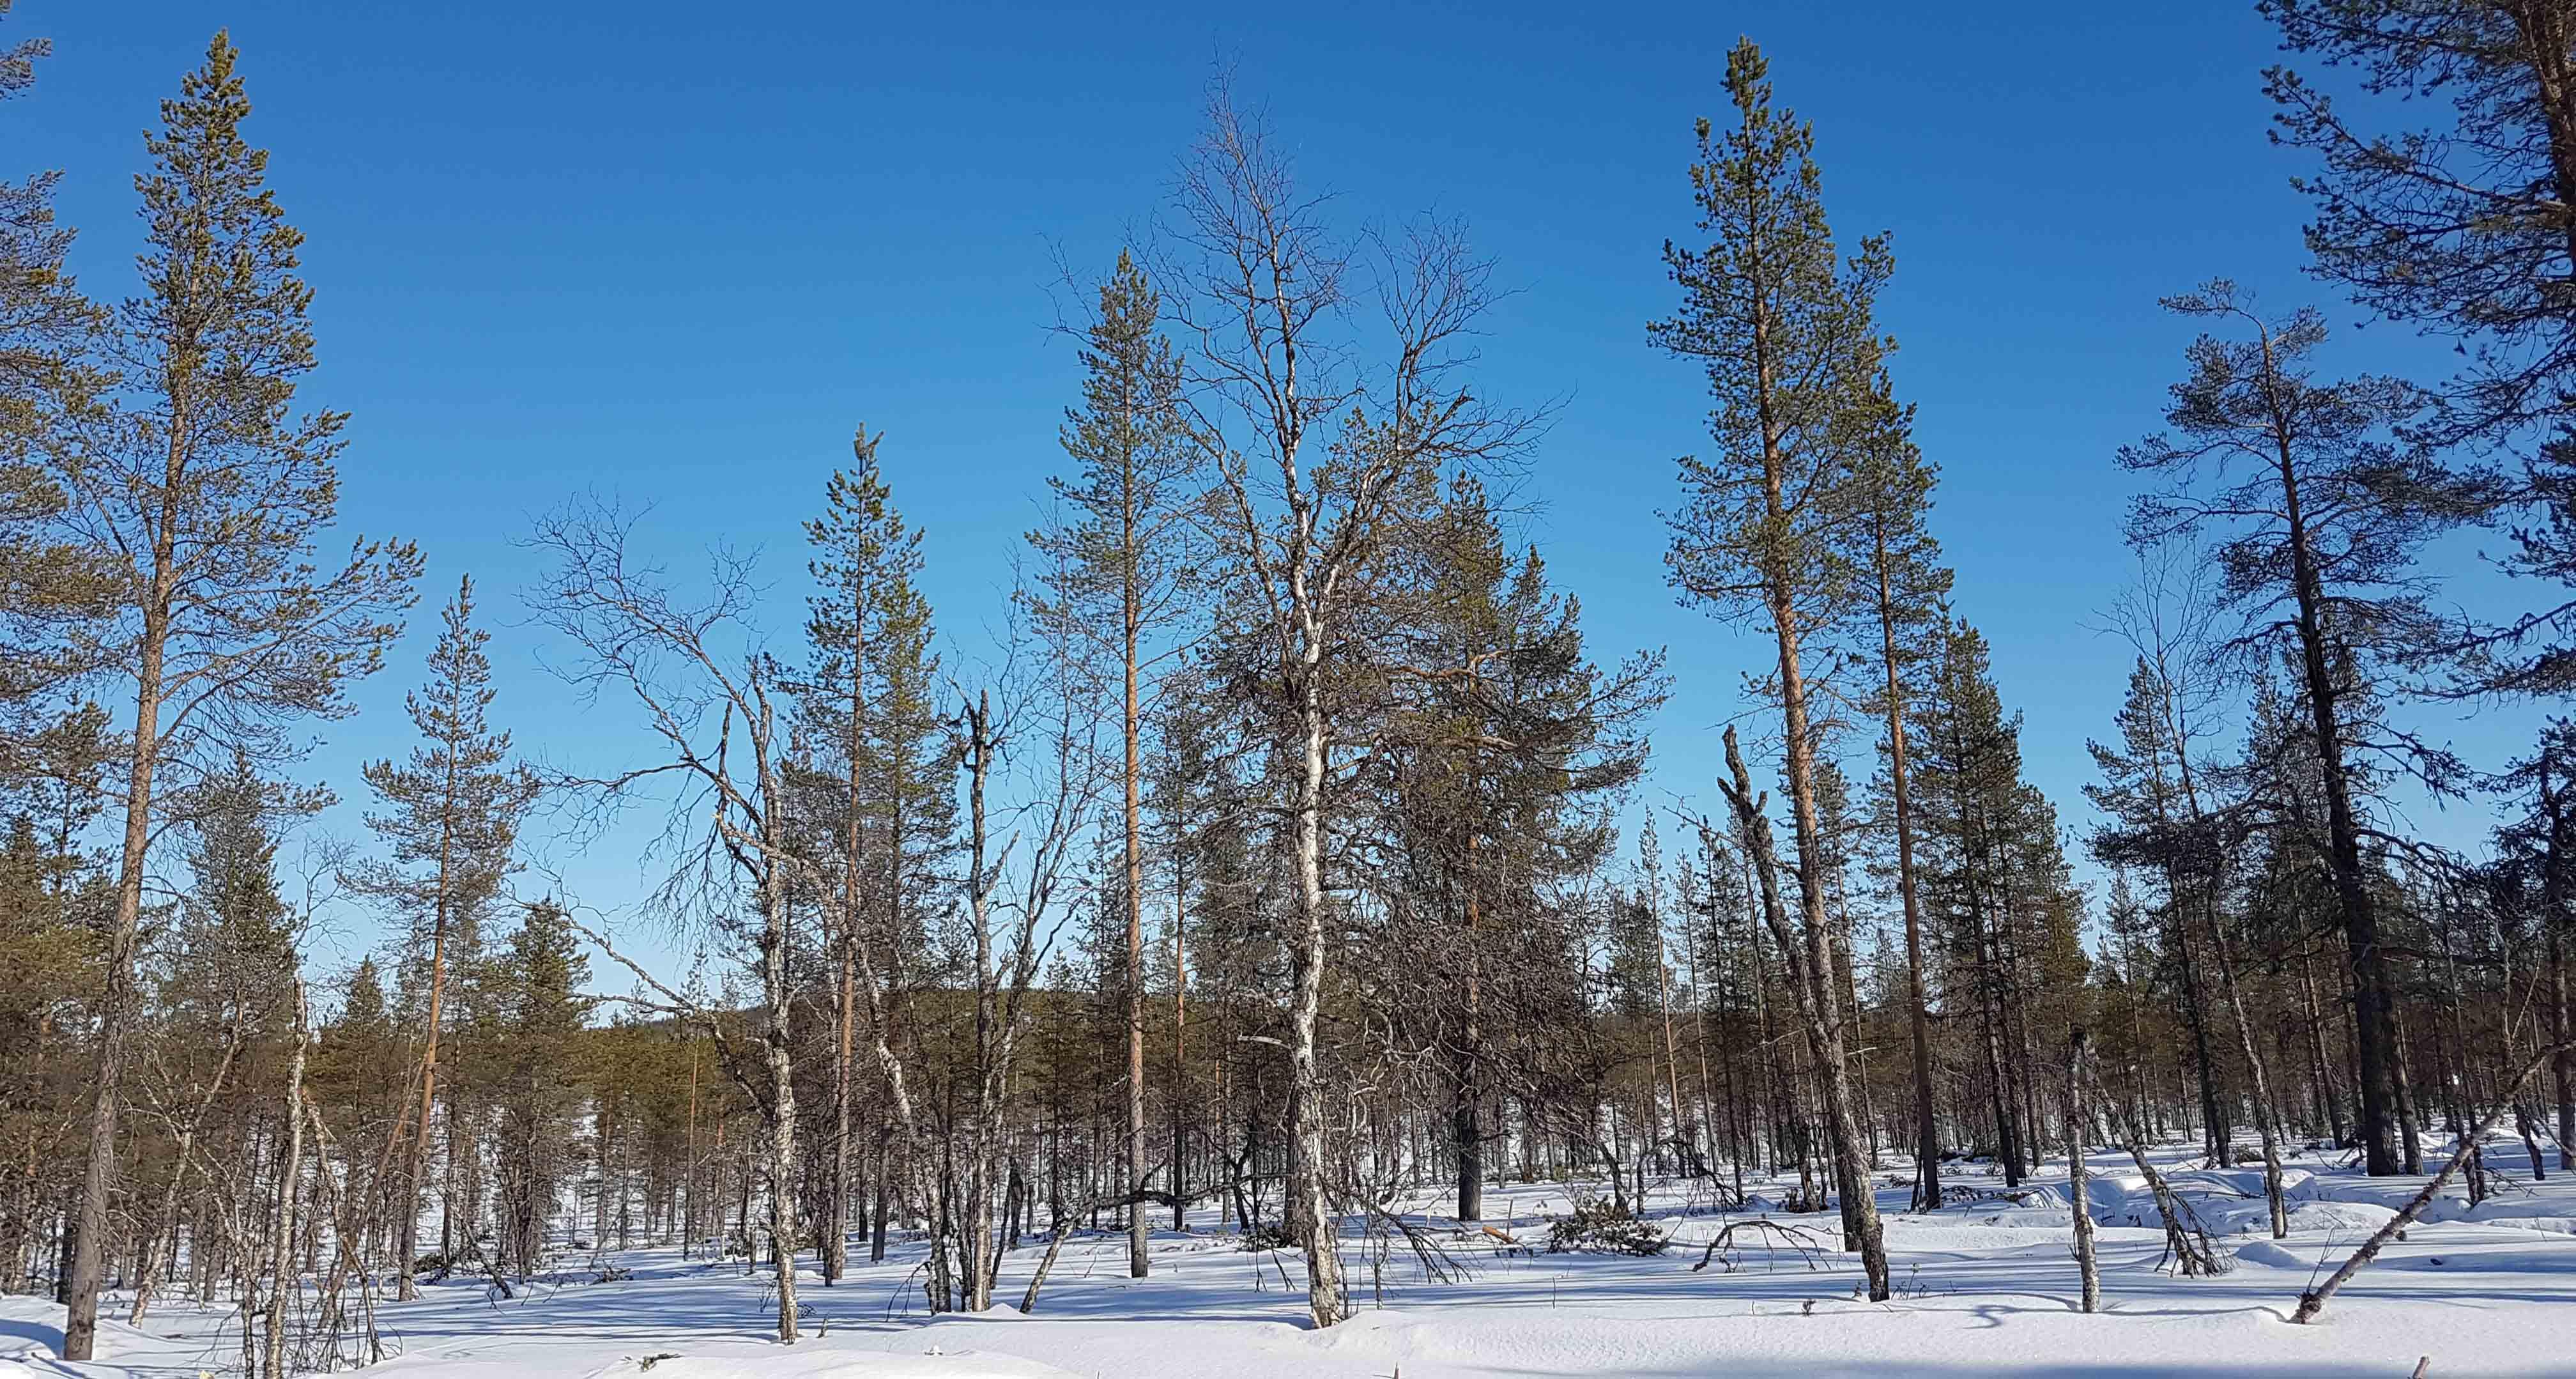 Kuva: Harrilehdon leimikko korjuun jälkeen. Lehtipuu ja kuollut puu säästetty. Kaikki puunkorjuu on tehty poimintahakkuuna.